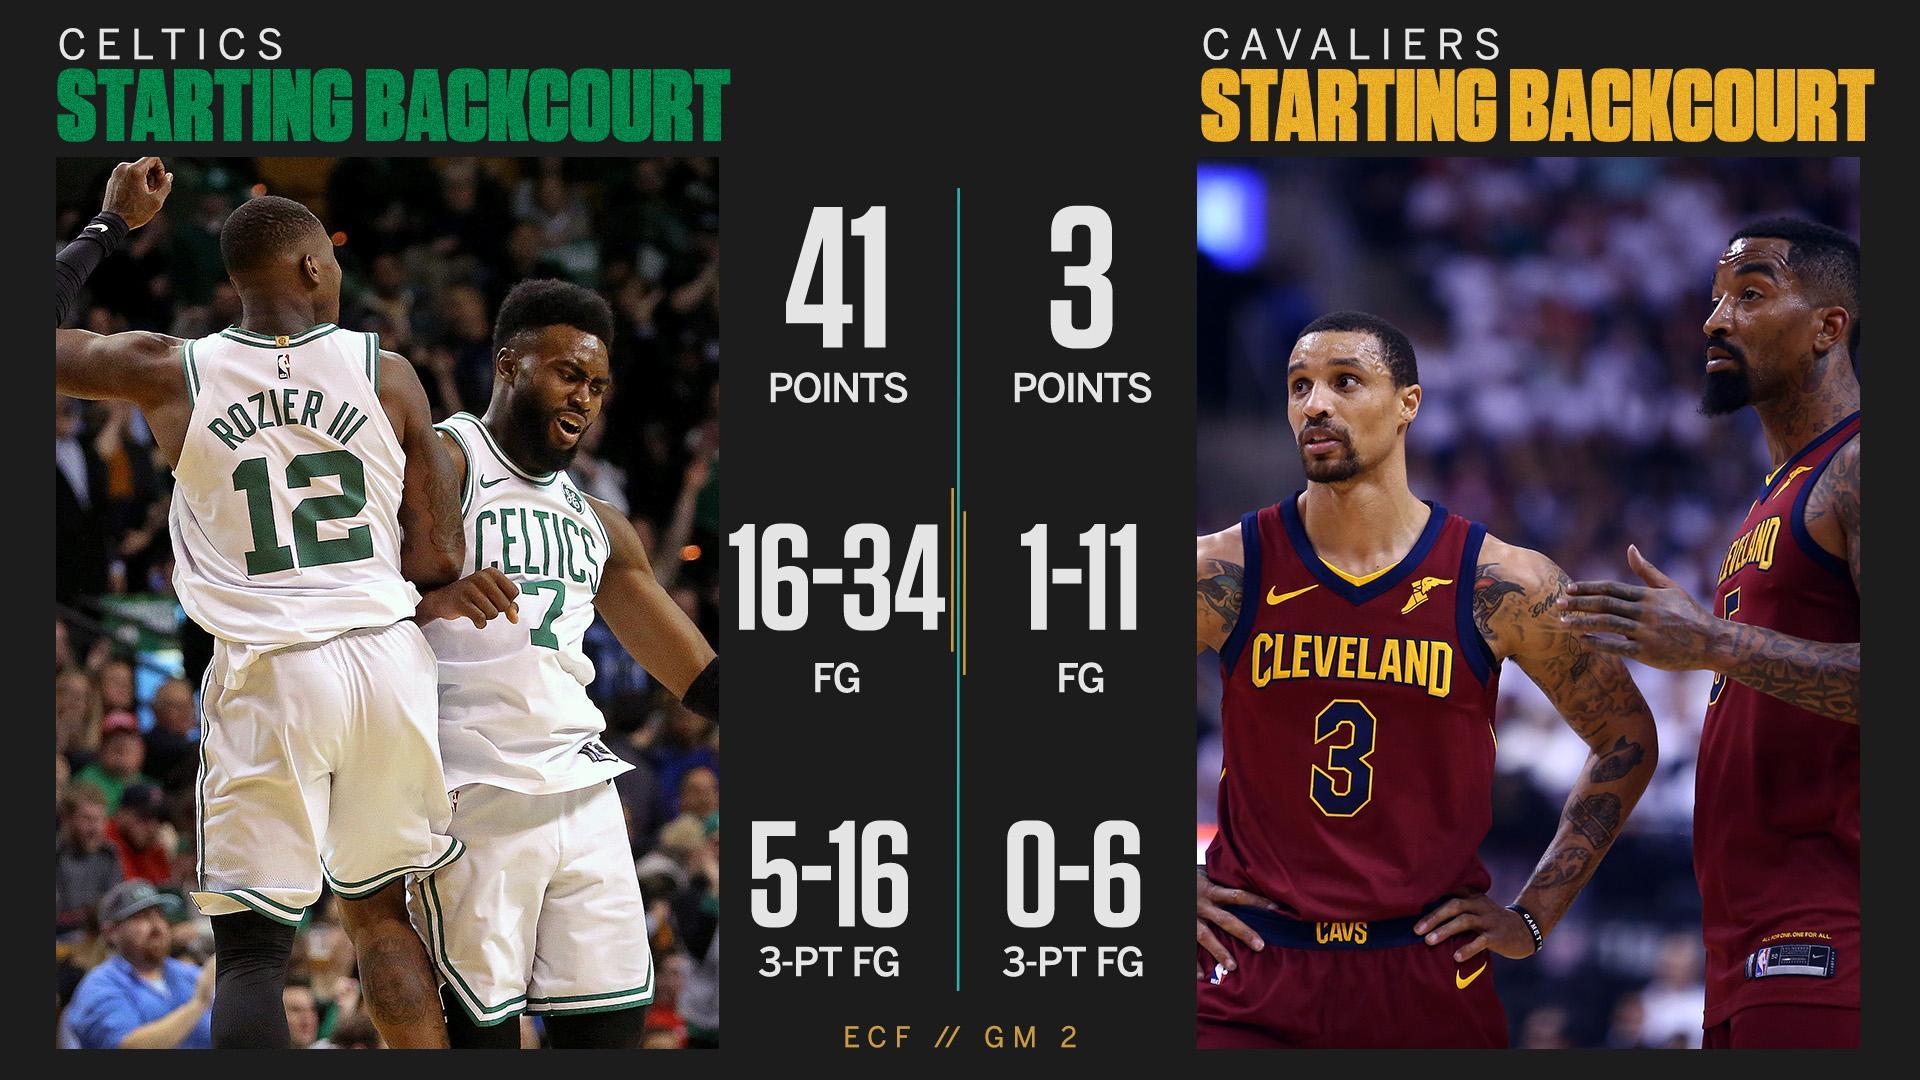 Celtics backcourt vs. Cavs backcourt in Game 2 �� https://t.co/koOpzFjFRL